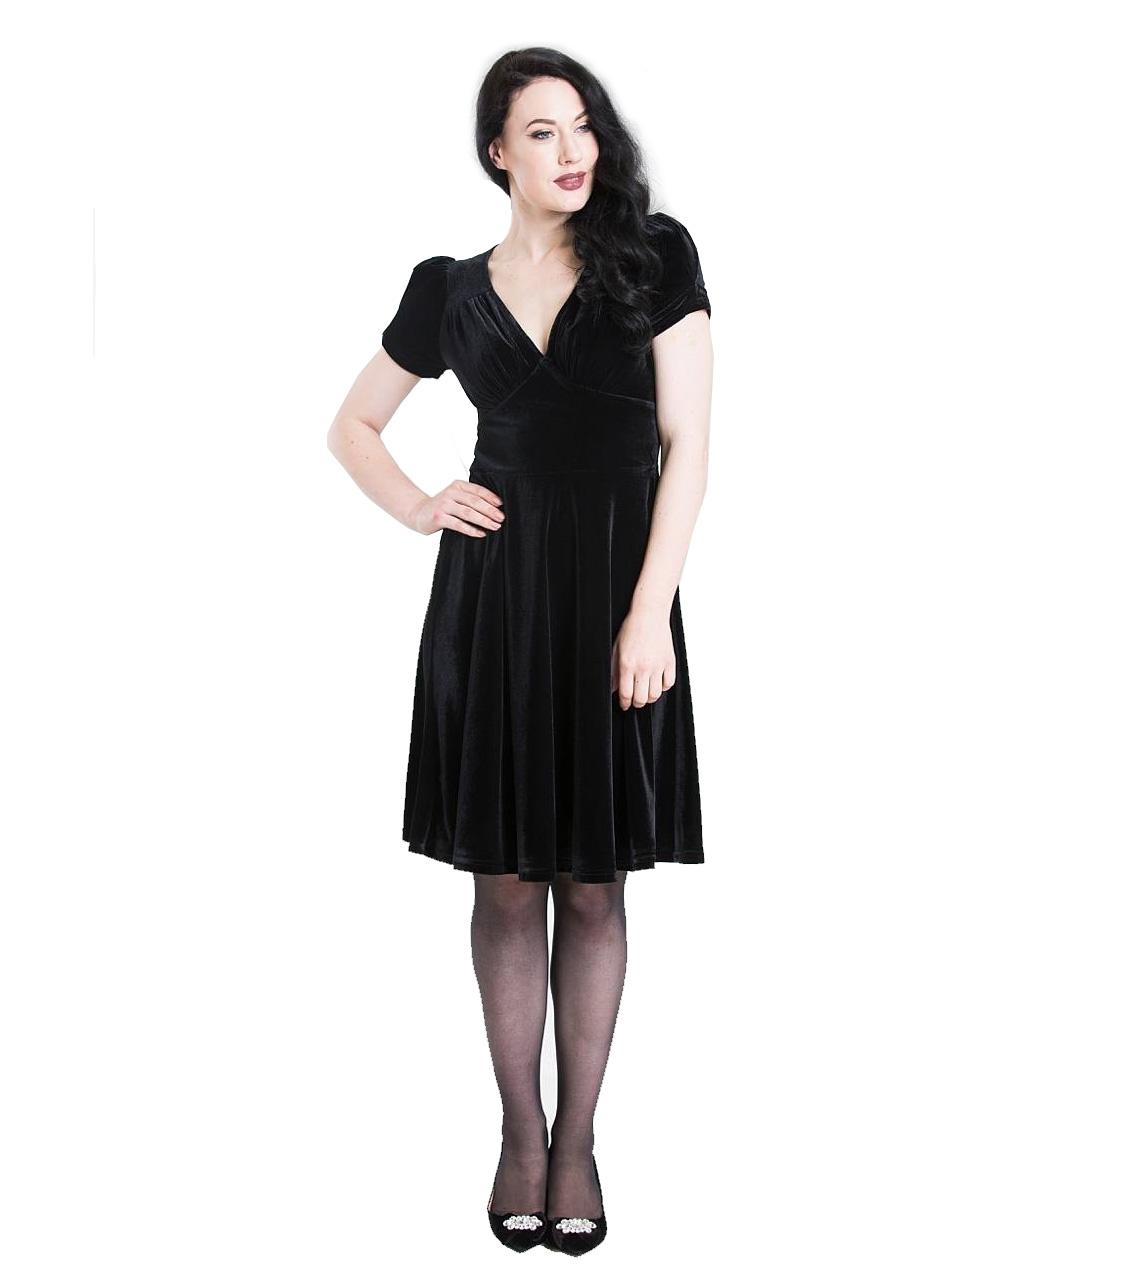 Hell-Bunny-40s-50s-Elegant-Pin-Up-Dress-JOANNE-Crushed-Velvet-Black-All-Sizes thumbnail 33